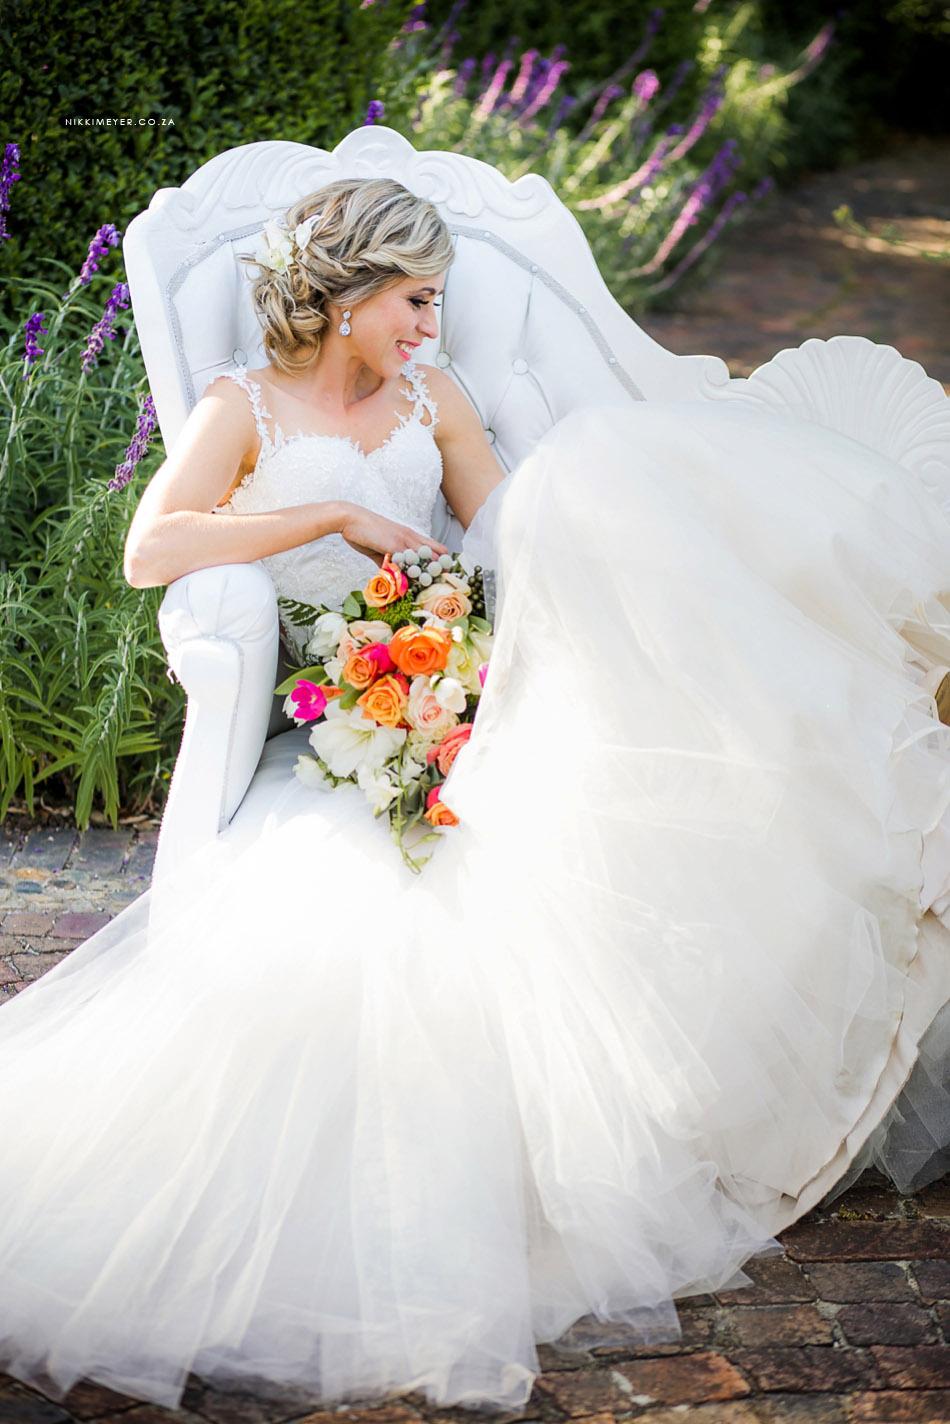 nikki_meyer_landtscap_winelands_wedding_039